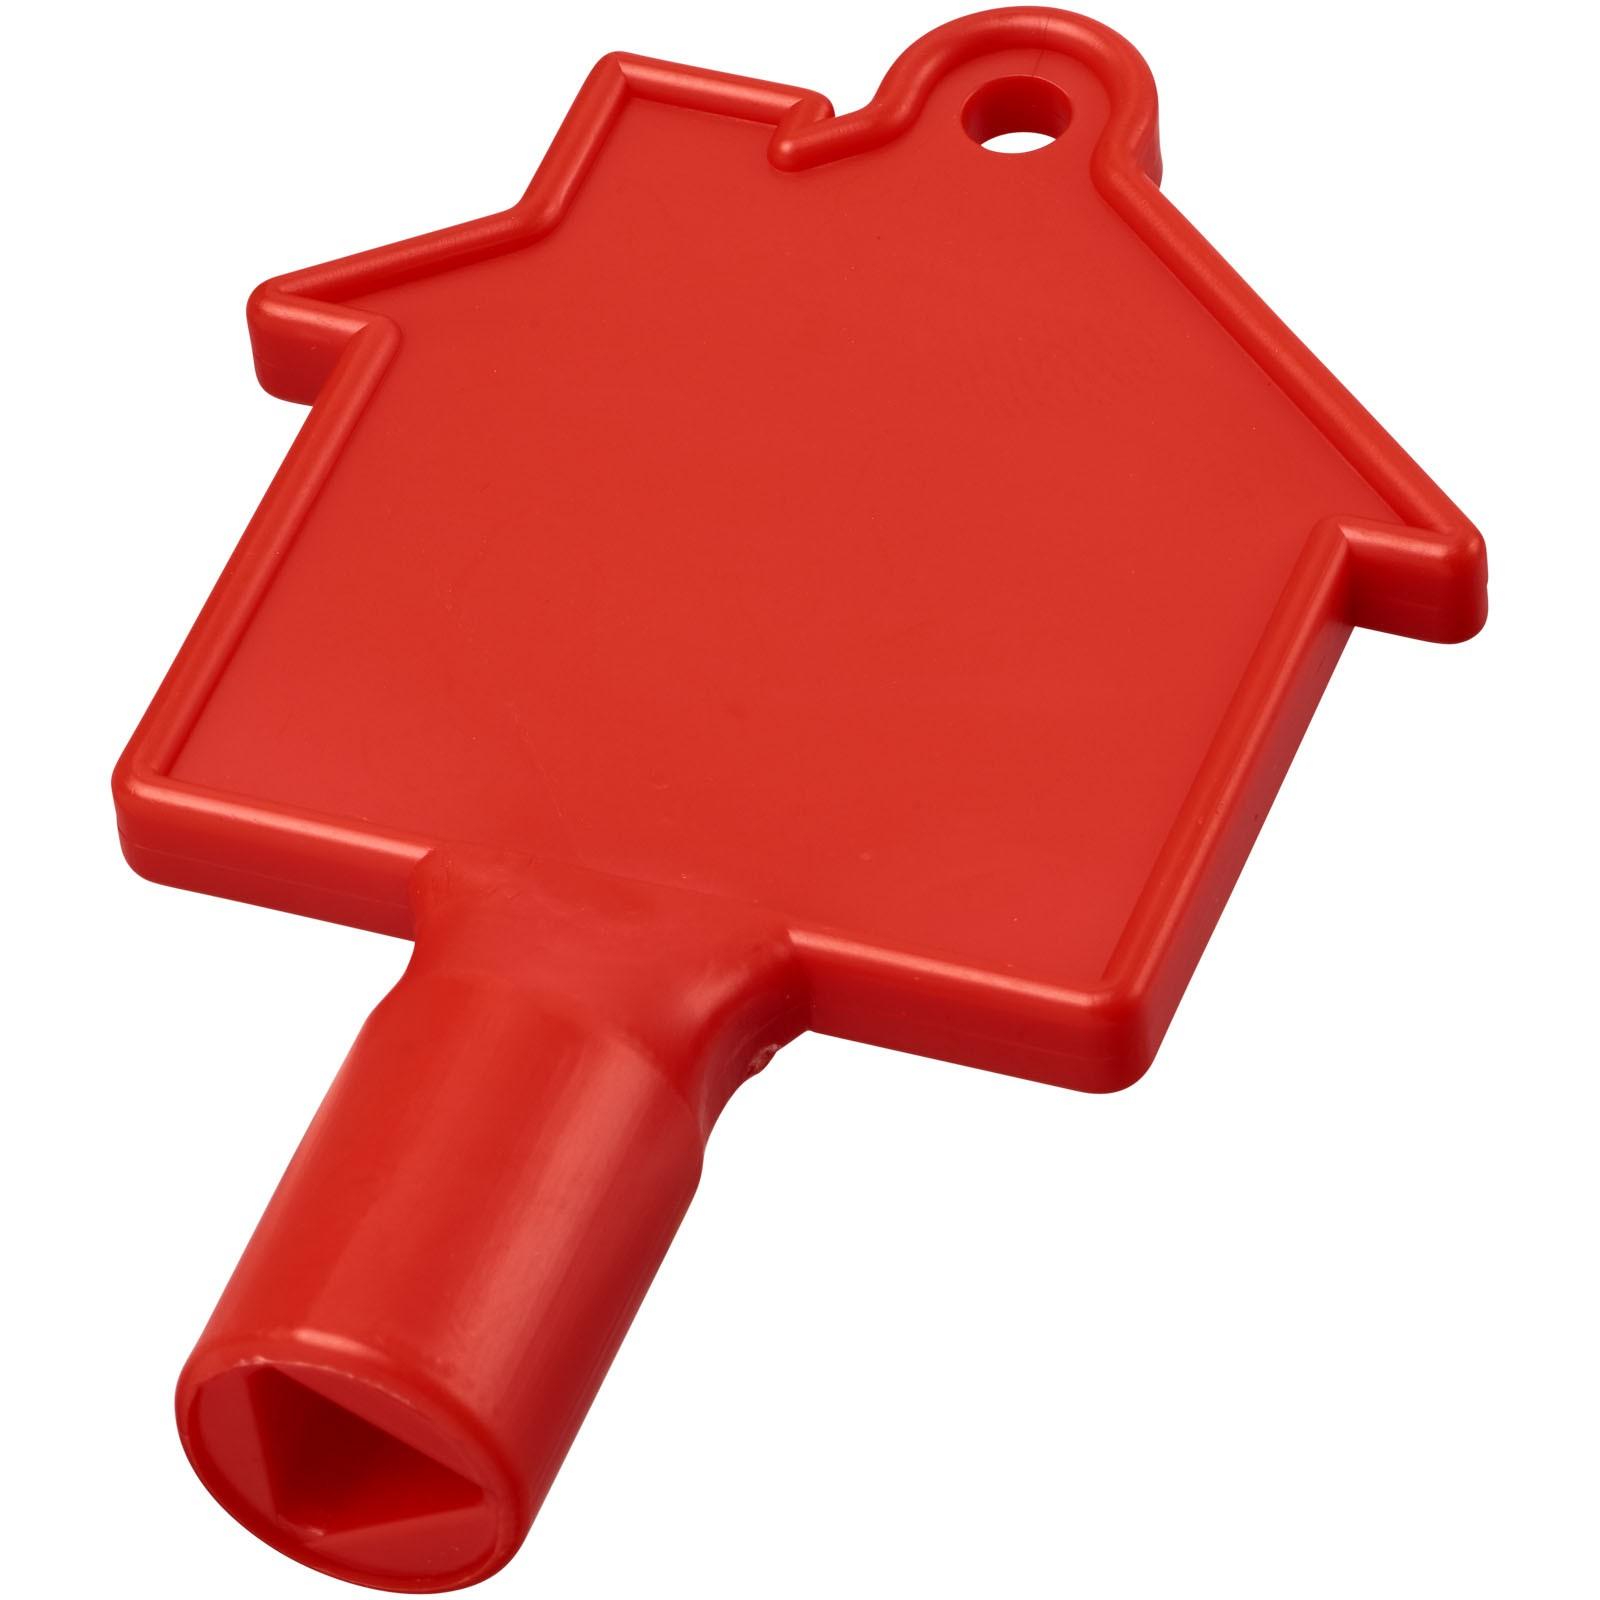 Klíč na měřidla ve tvaru domu Maximilian - Červená s efektem námrazy